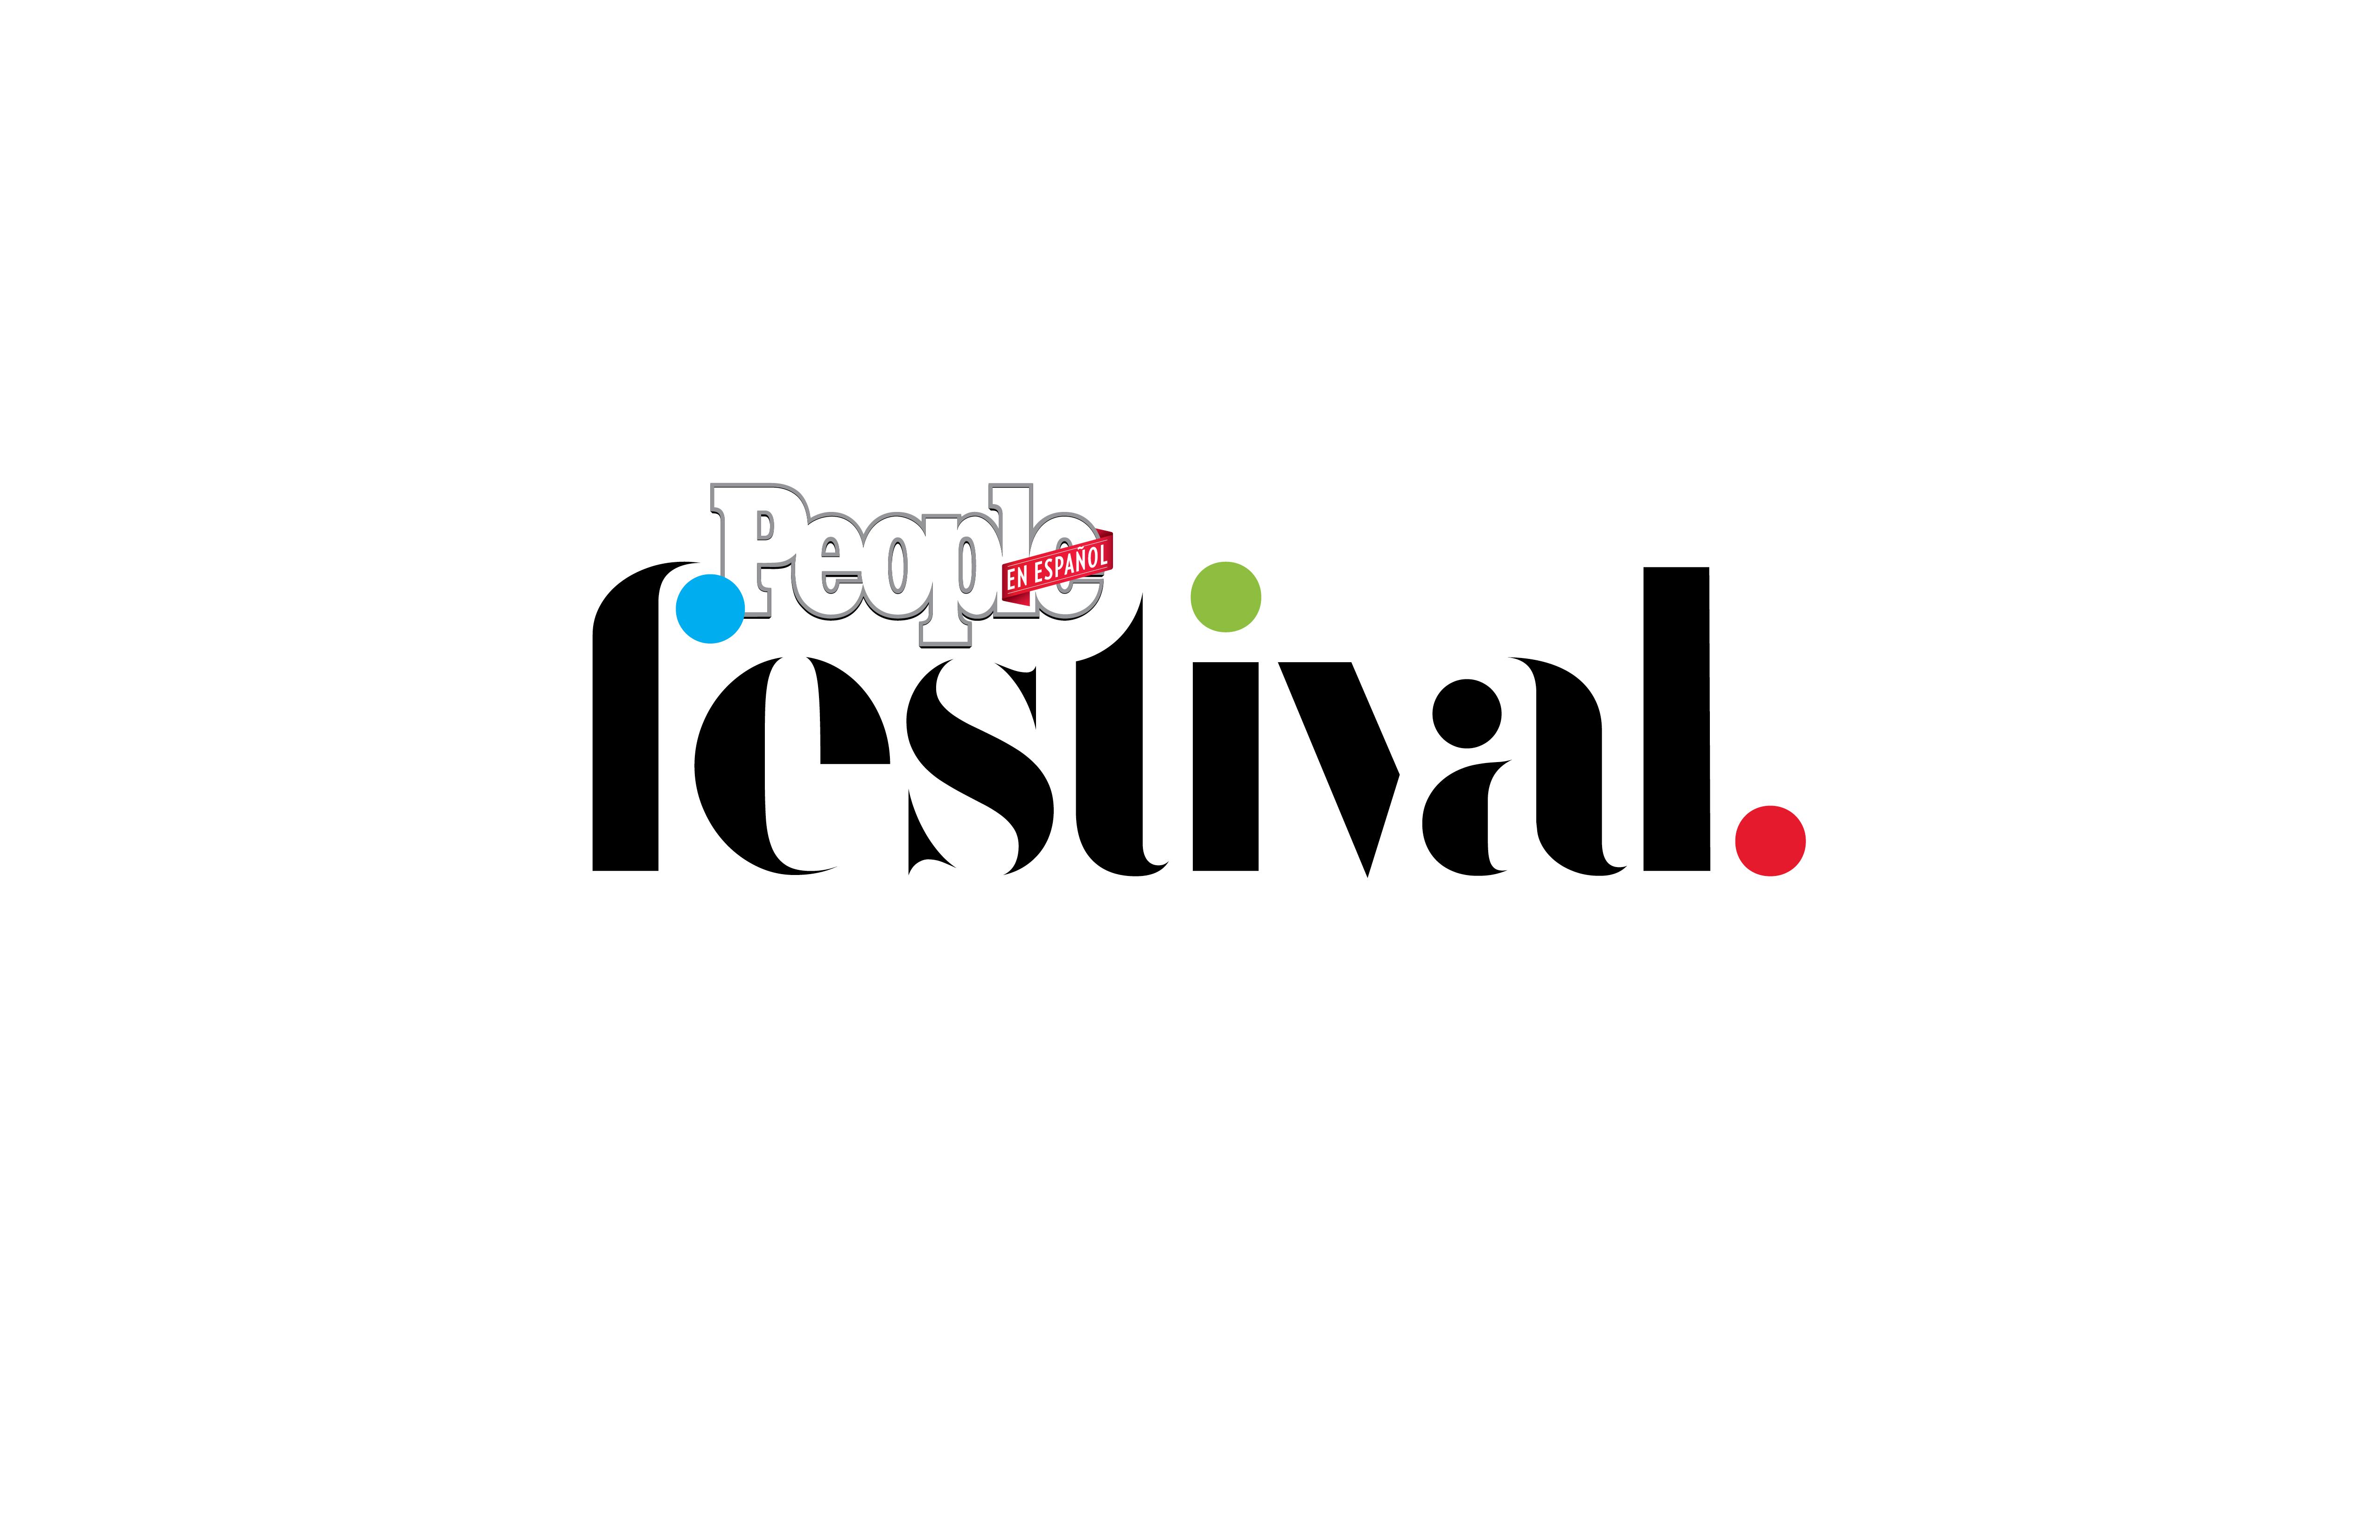 Festival 2019 logo